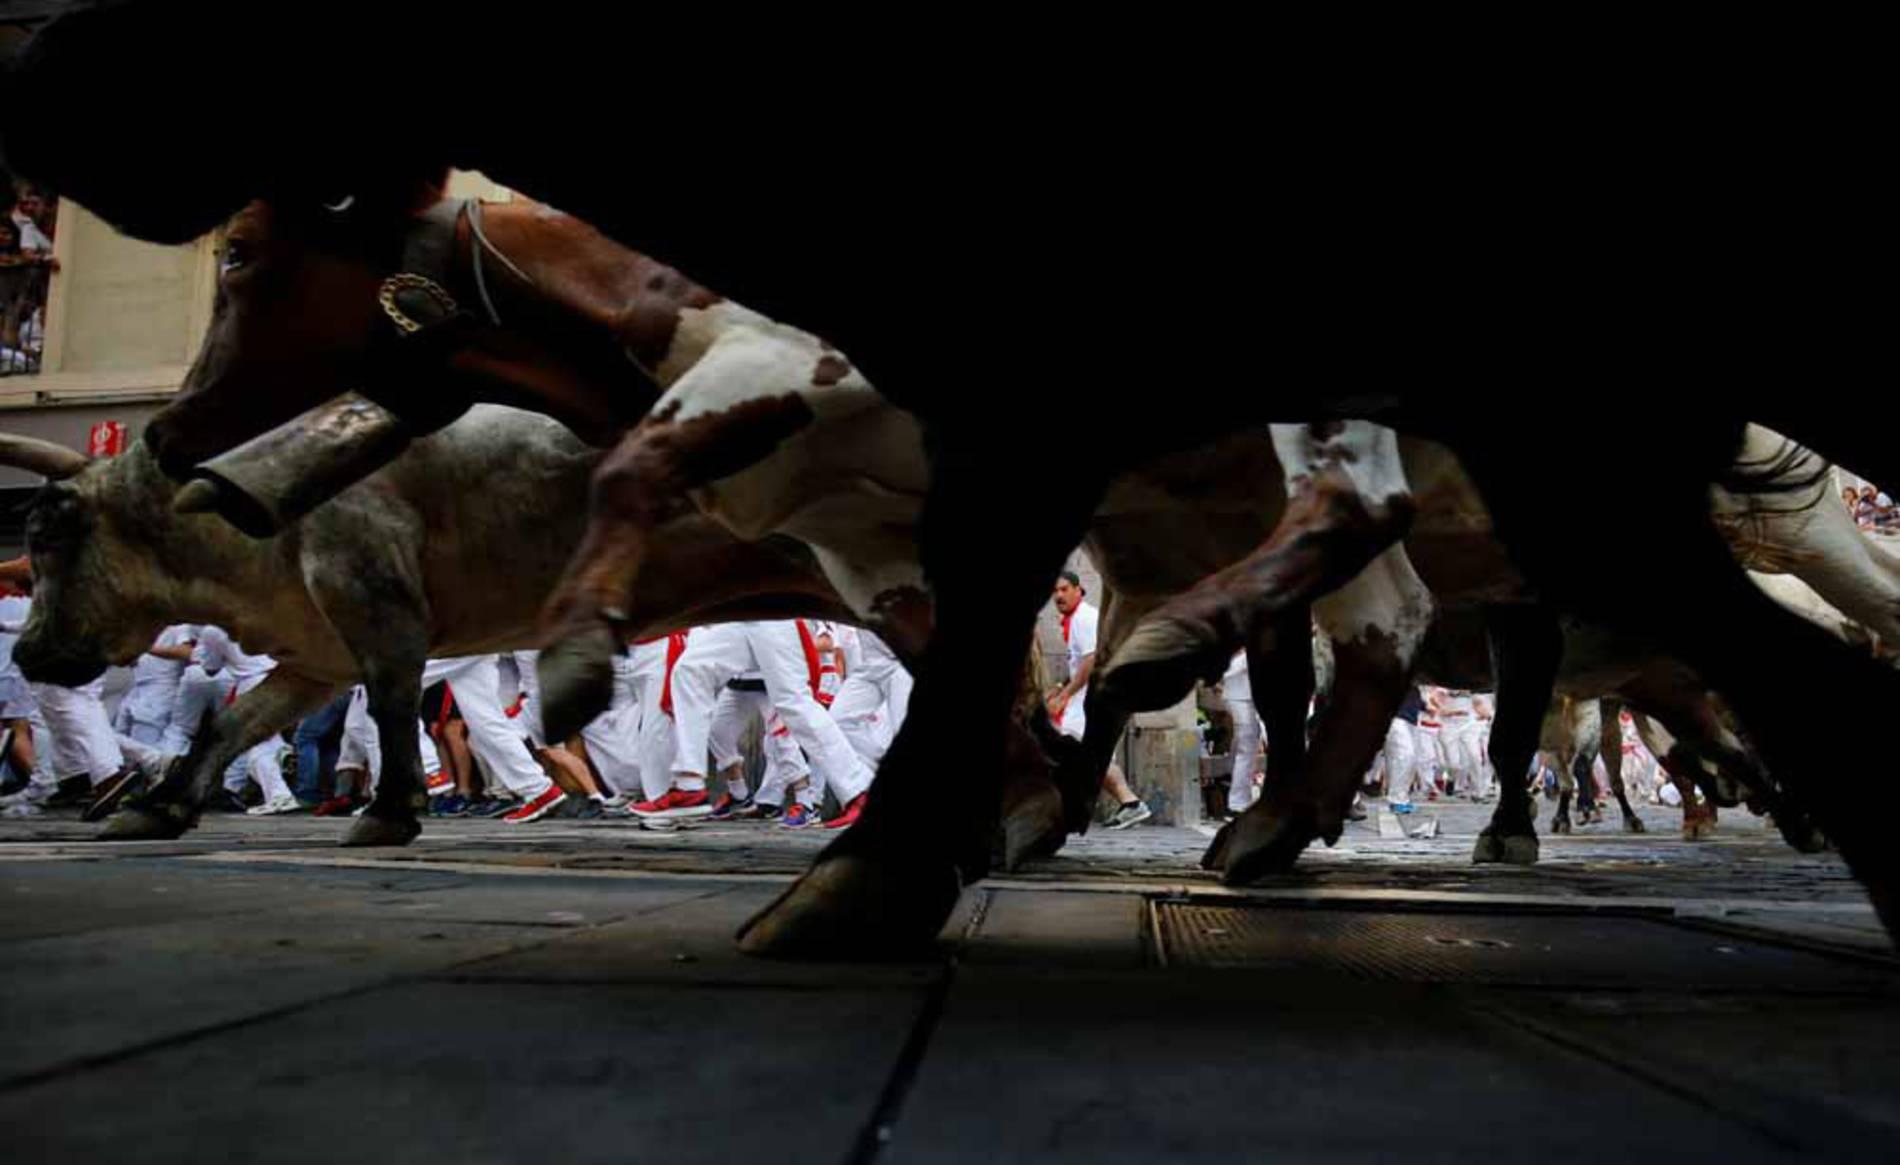 Imágenes del primer encierro de San Fermín 2017 (1/104) - Todas las imágenes del primer encierro de San Fermín 2017 - San Fermín -